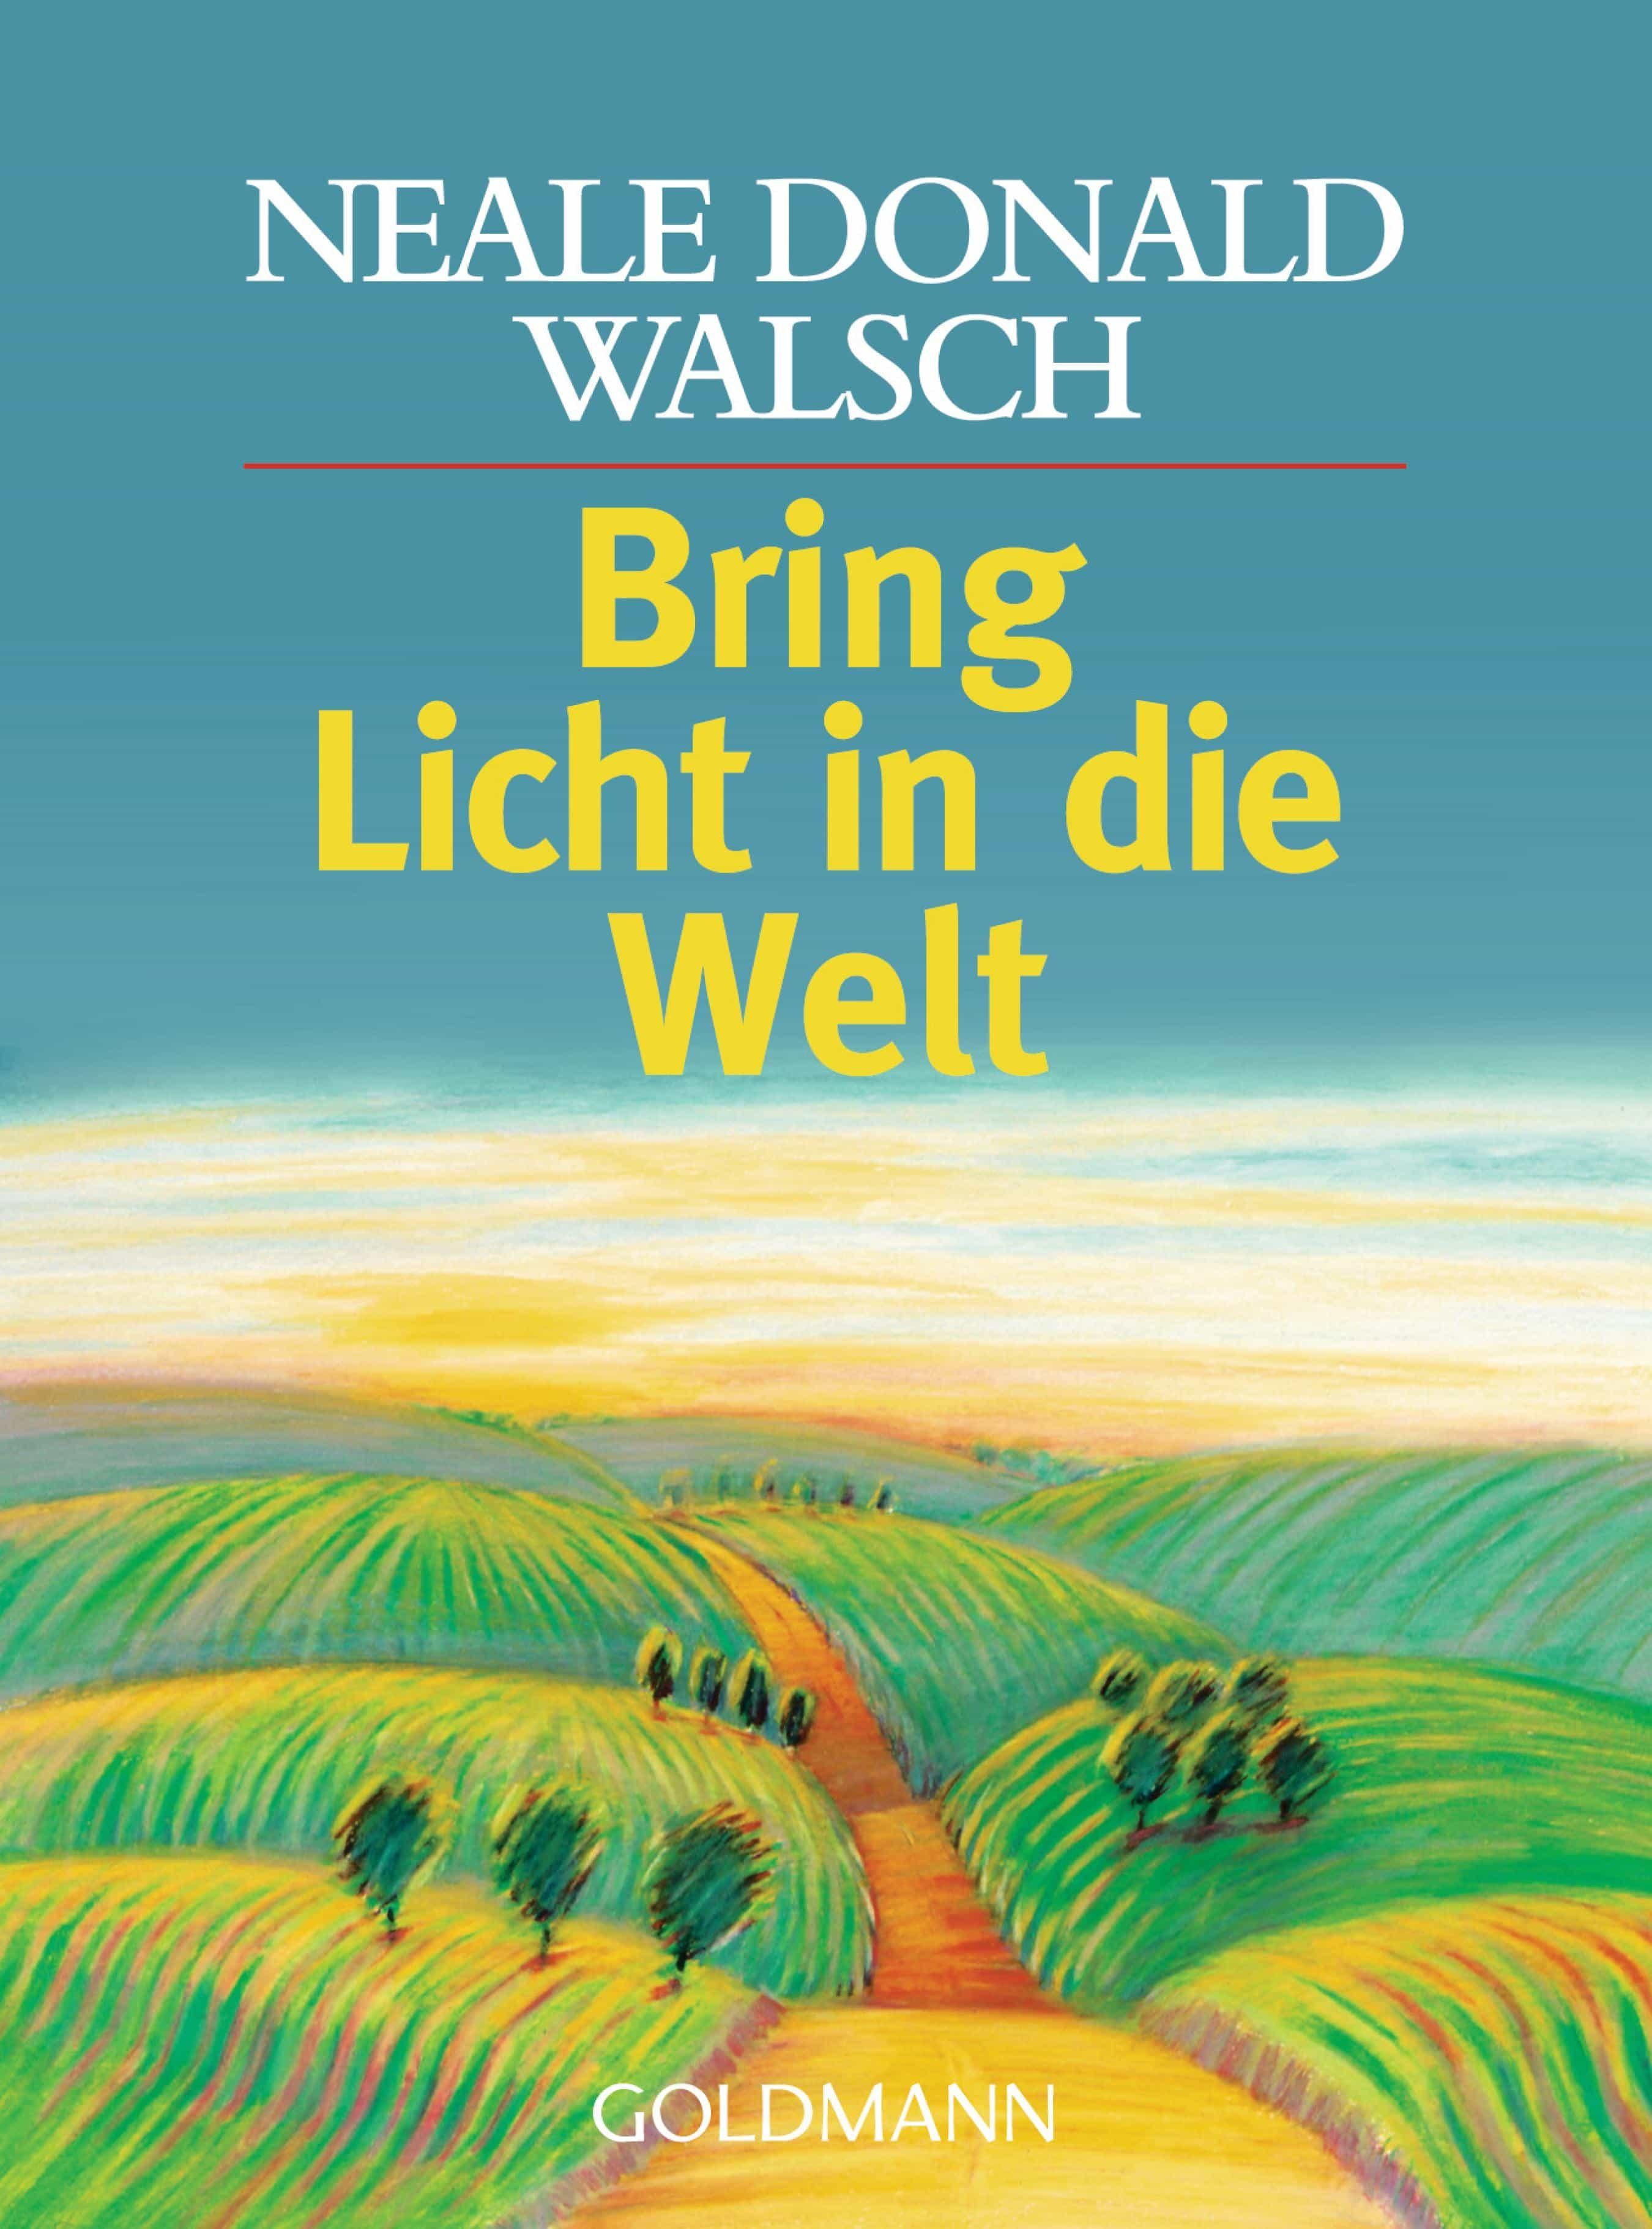 Bring Licht In Die Welt (ebook)9783641040888